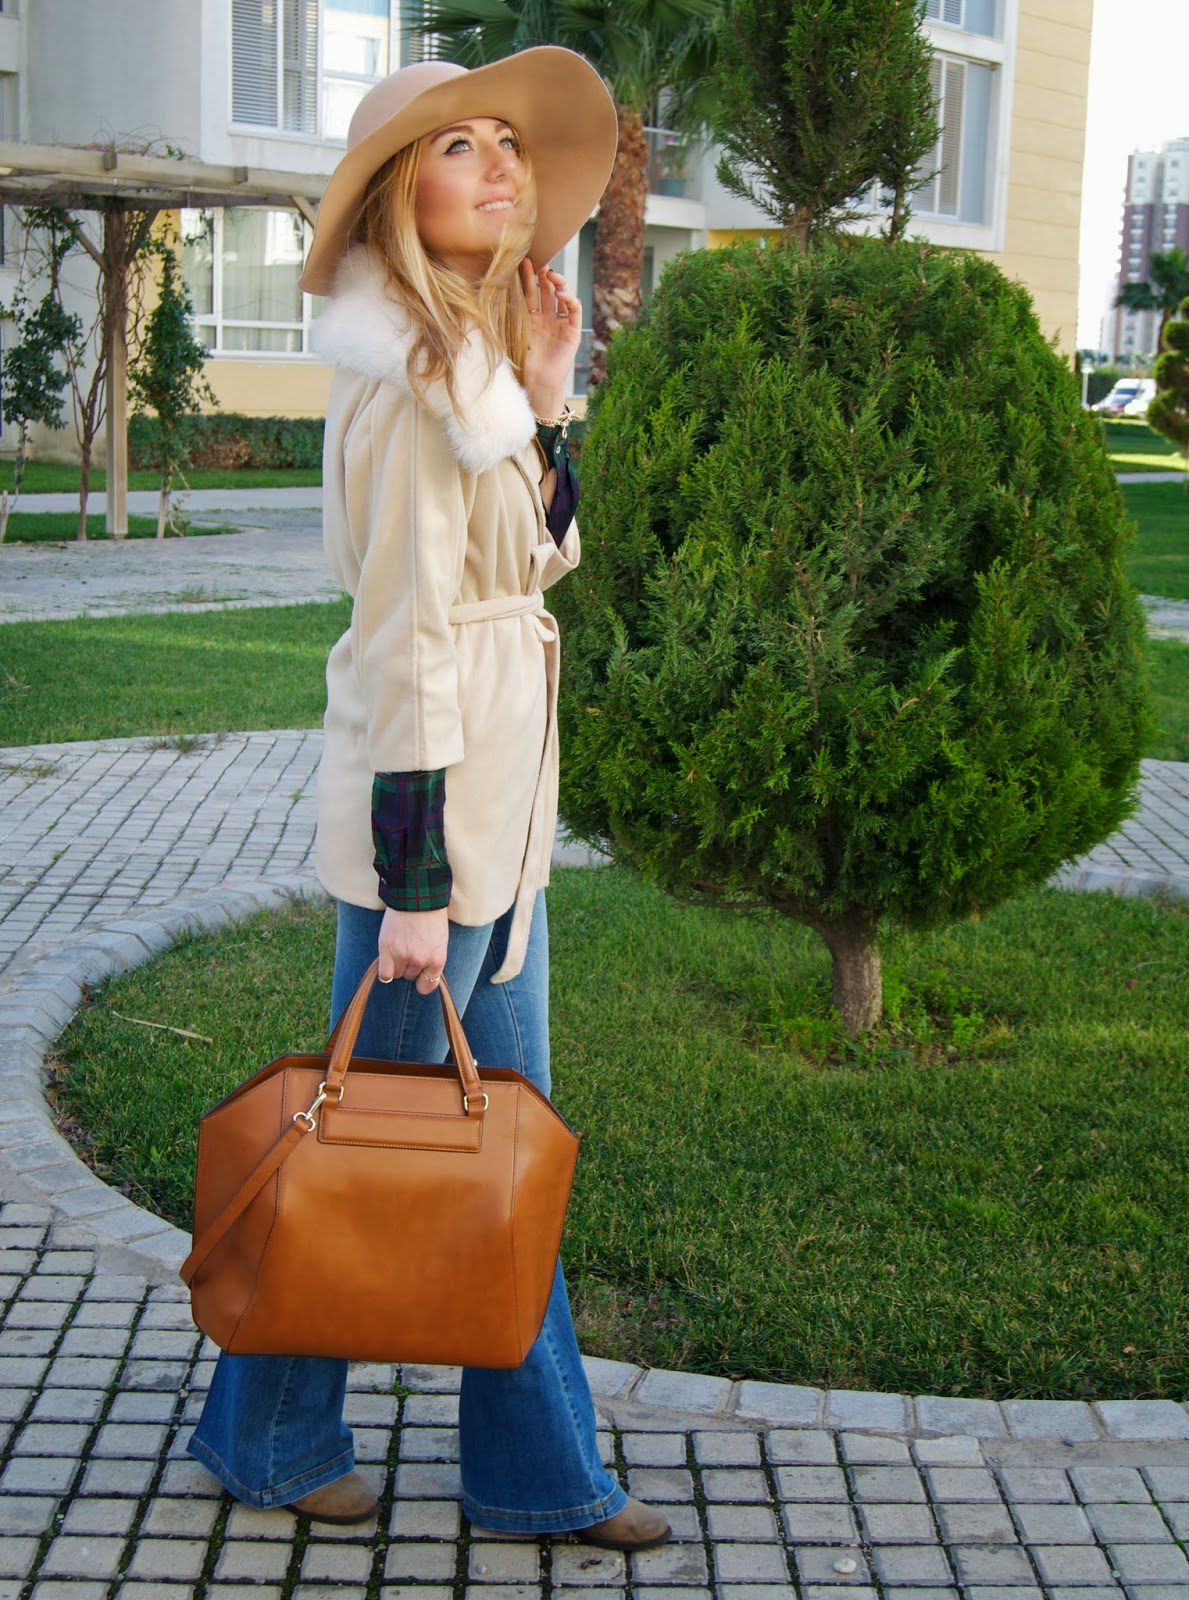 20 Mart Style Kadın Çekiliş Sonucu